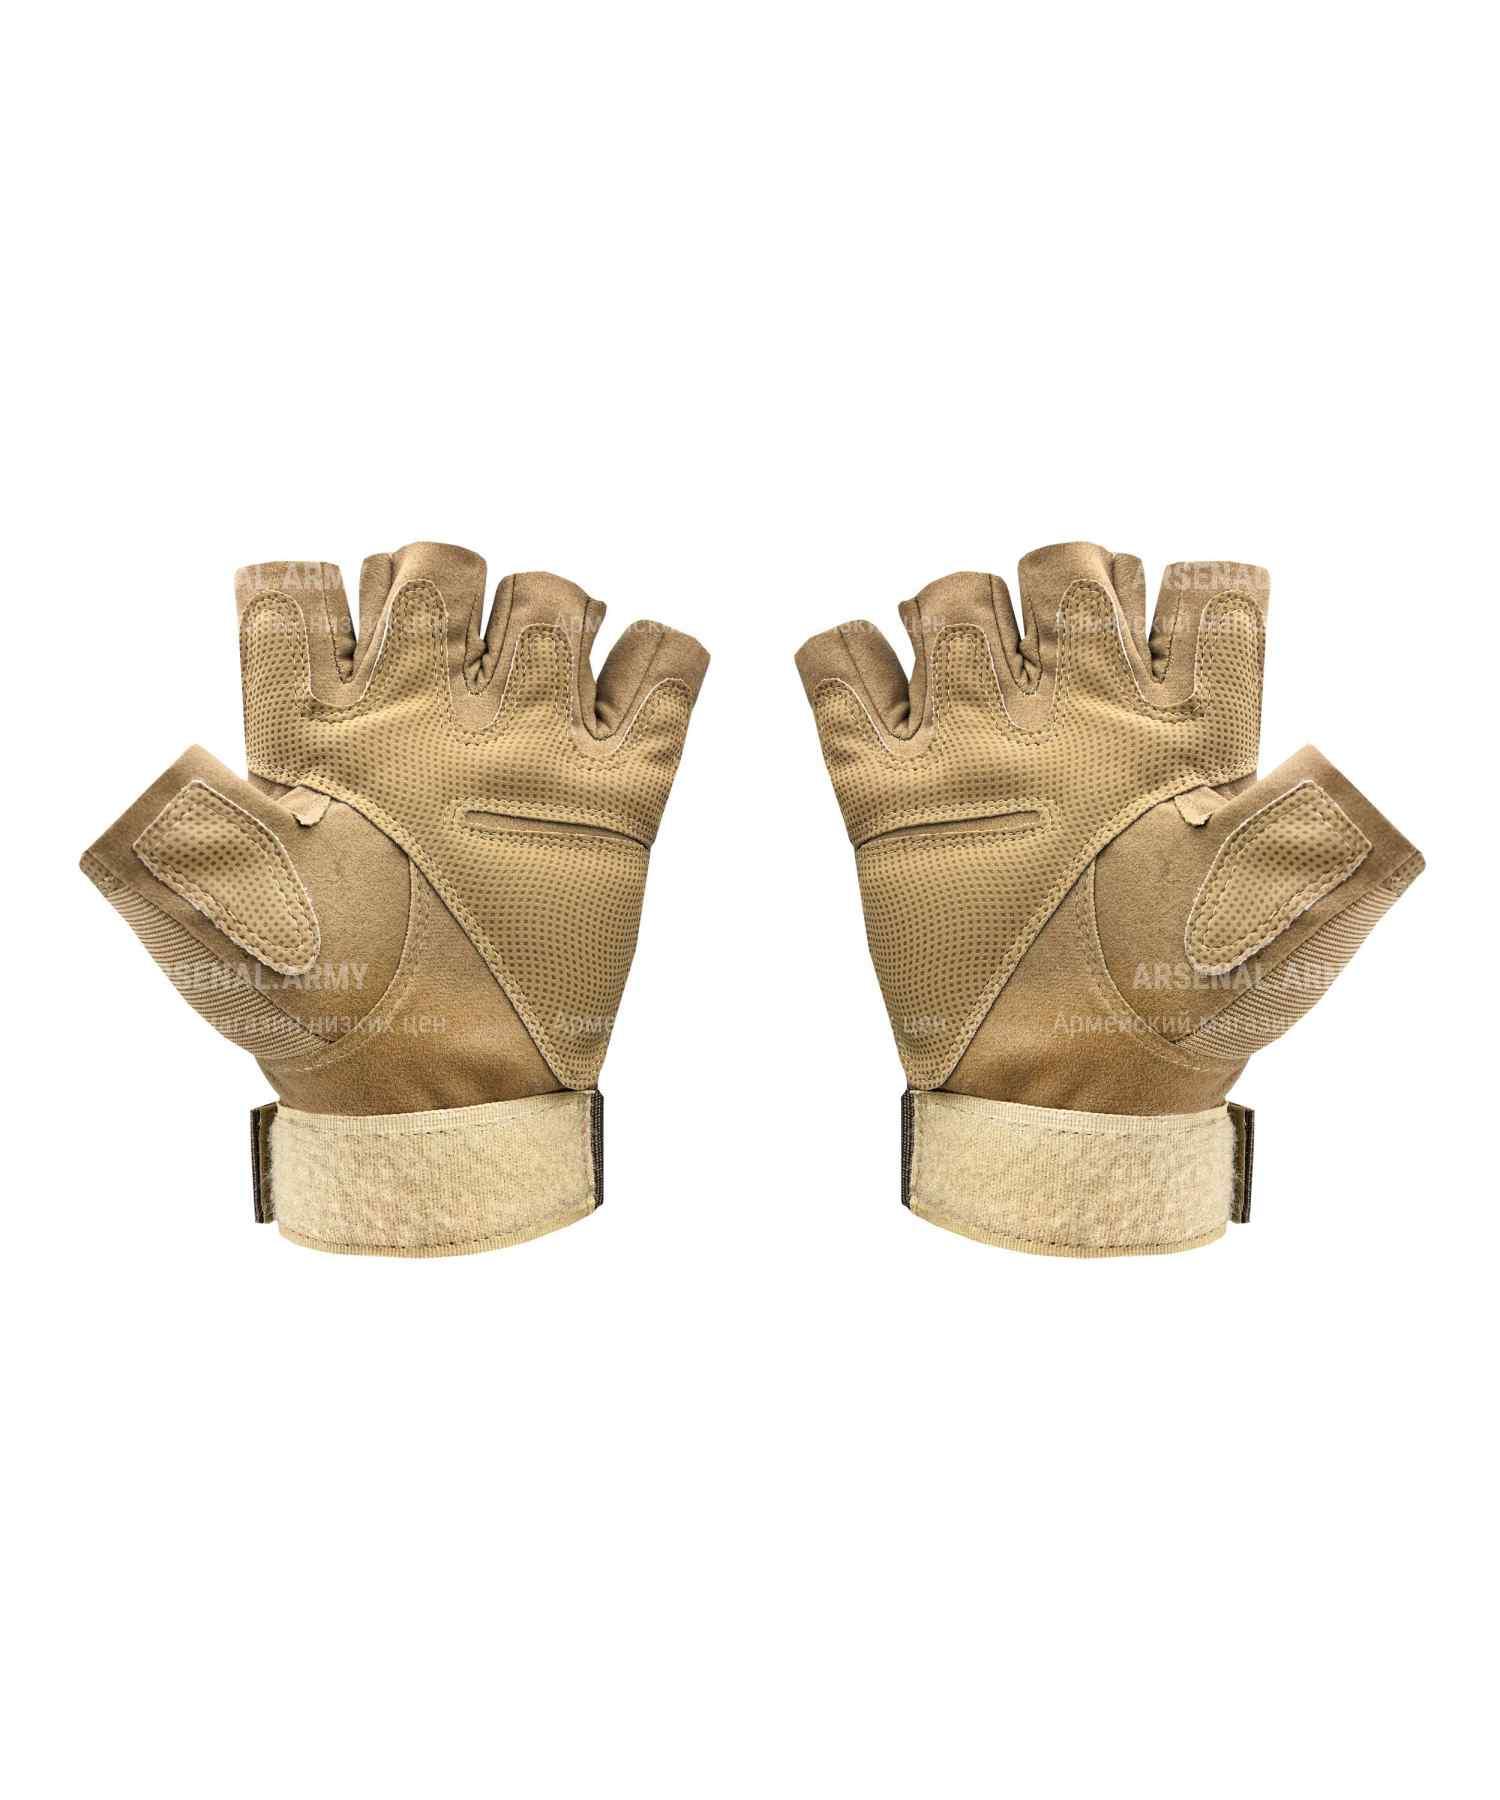 Перчатки беспалые защитные песочные